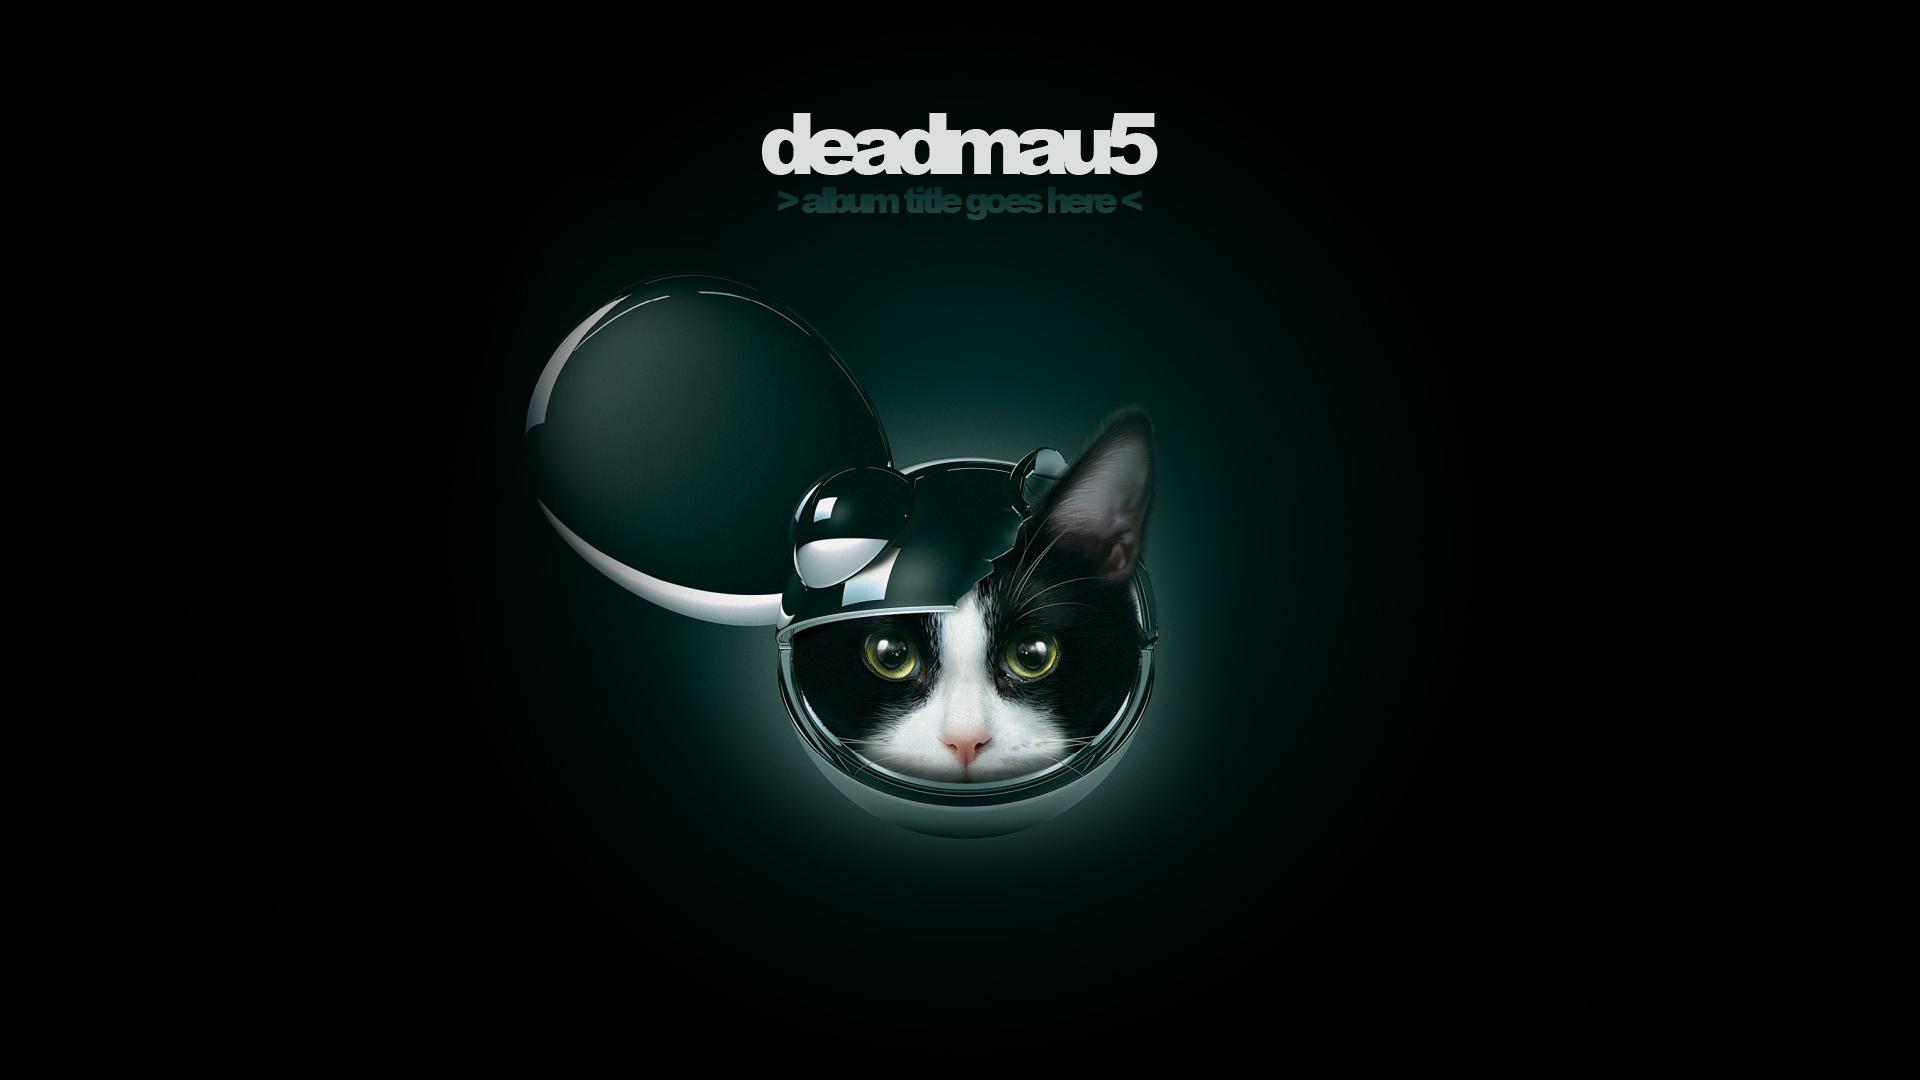 Deadmau5 Wallpaper Hd Deadmau5 Wallpapers Hd Download Pixelstalk Net